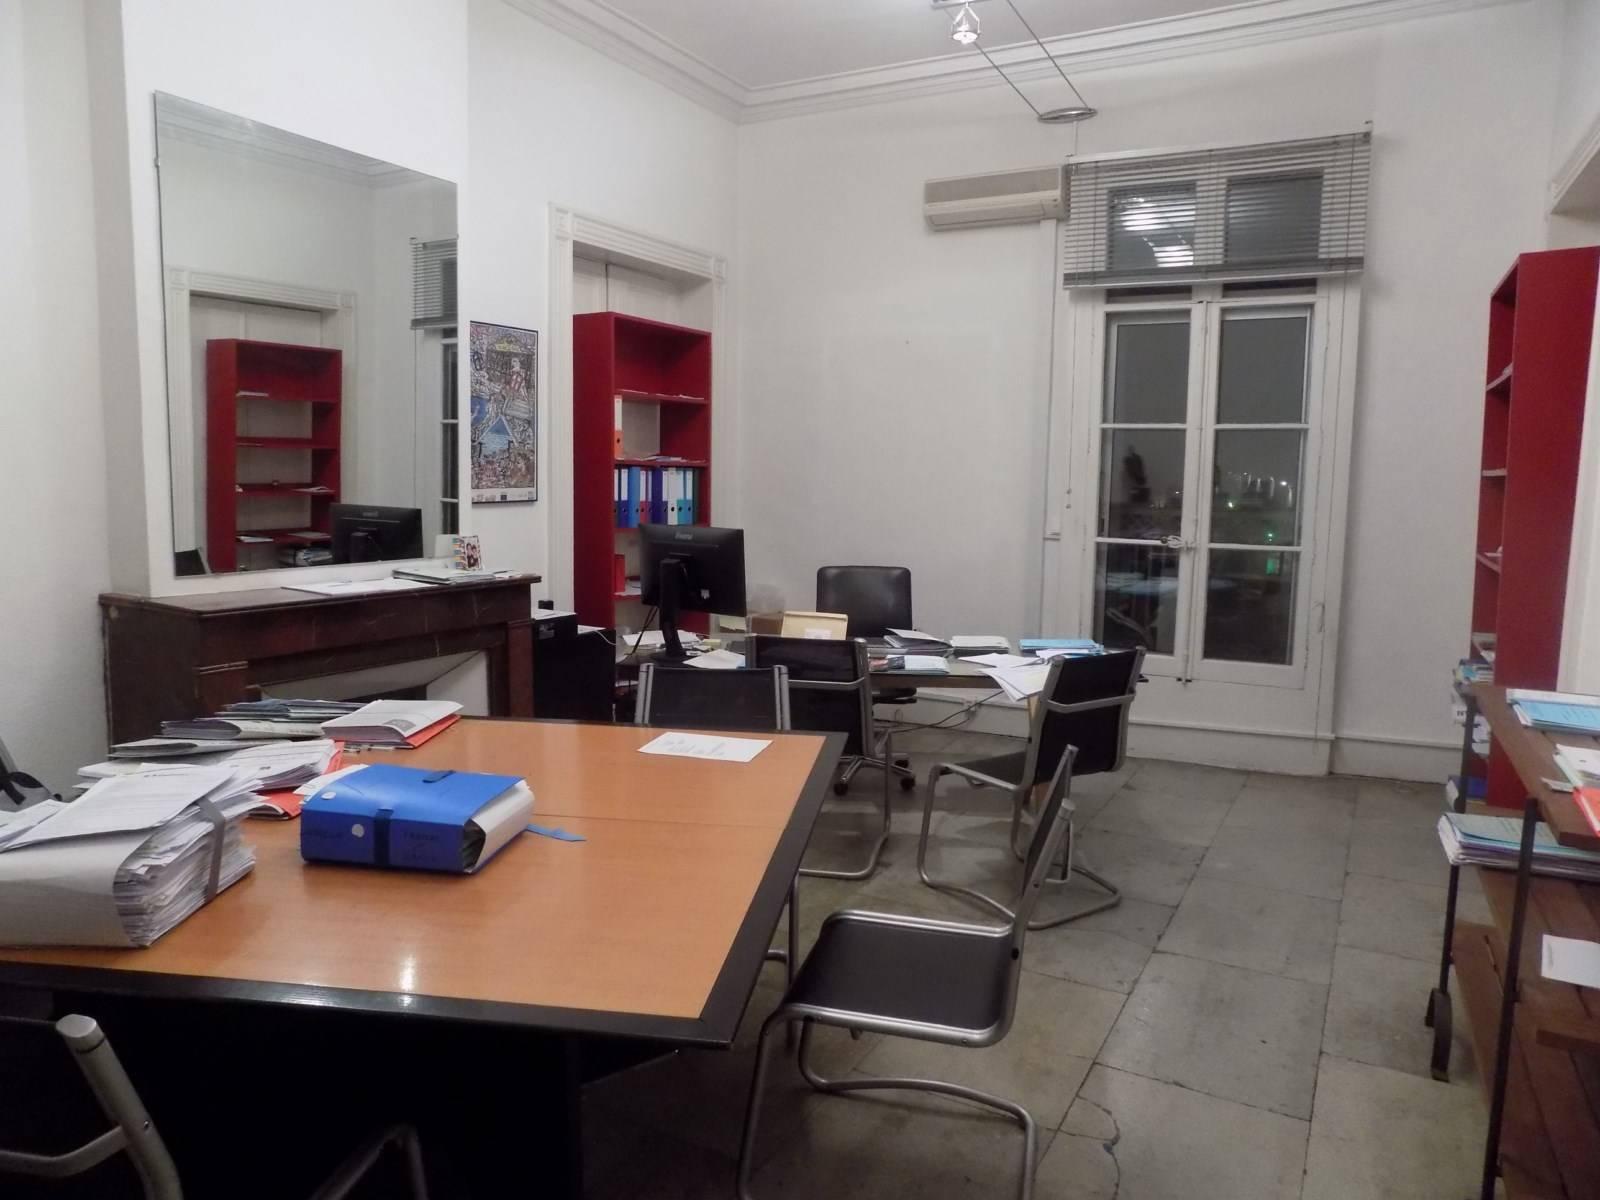 Nettoyage et entretien de bureaux castelnau le lez a s e for Entretien jardin castelnau le lez